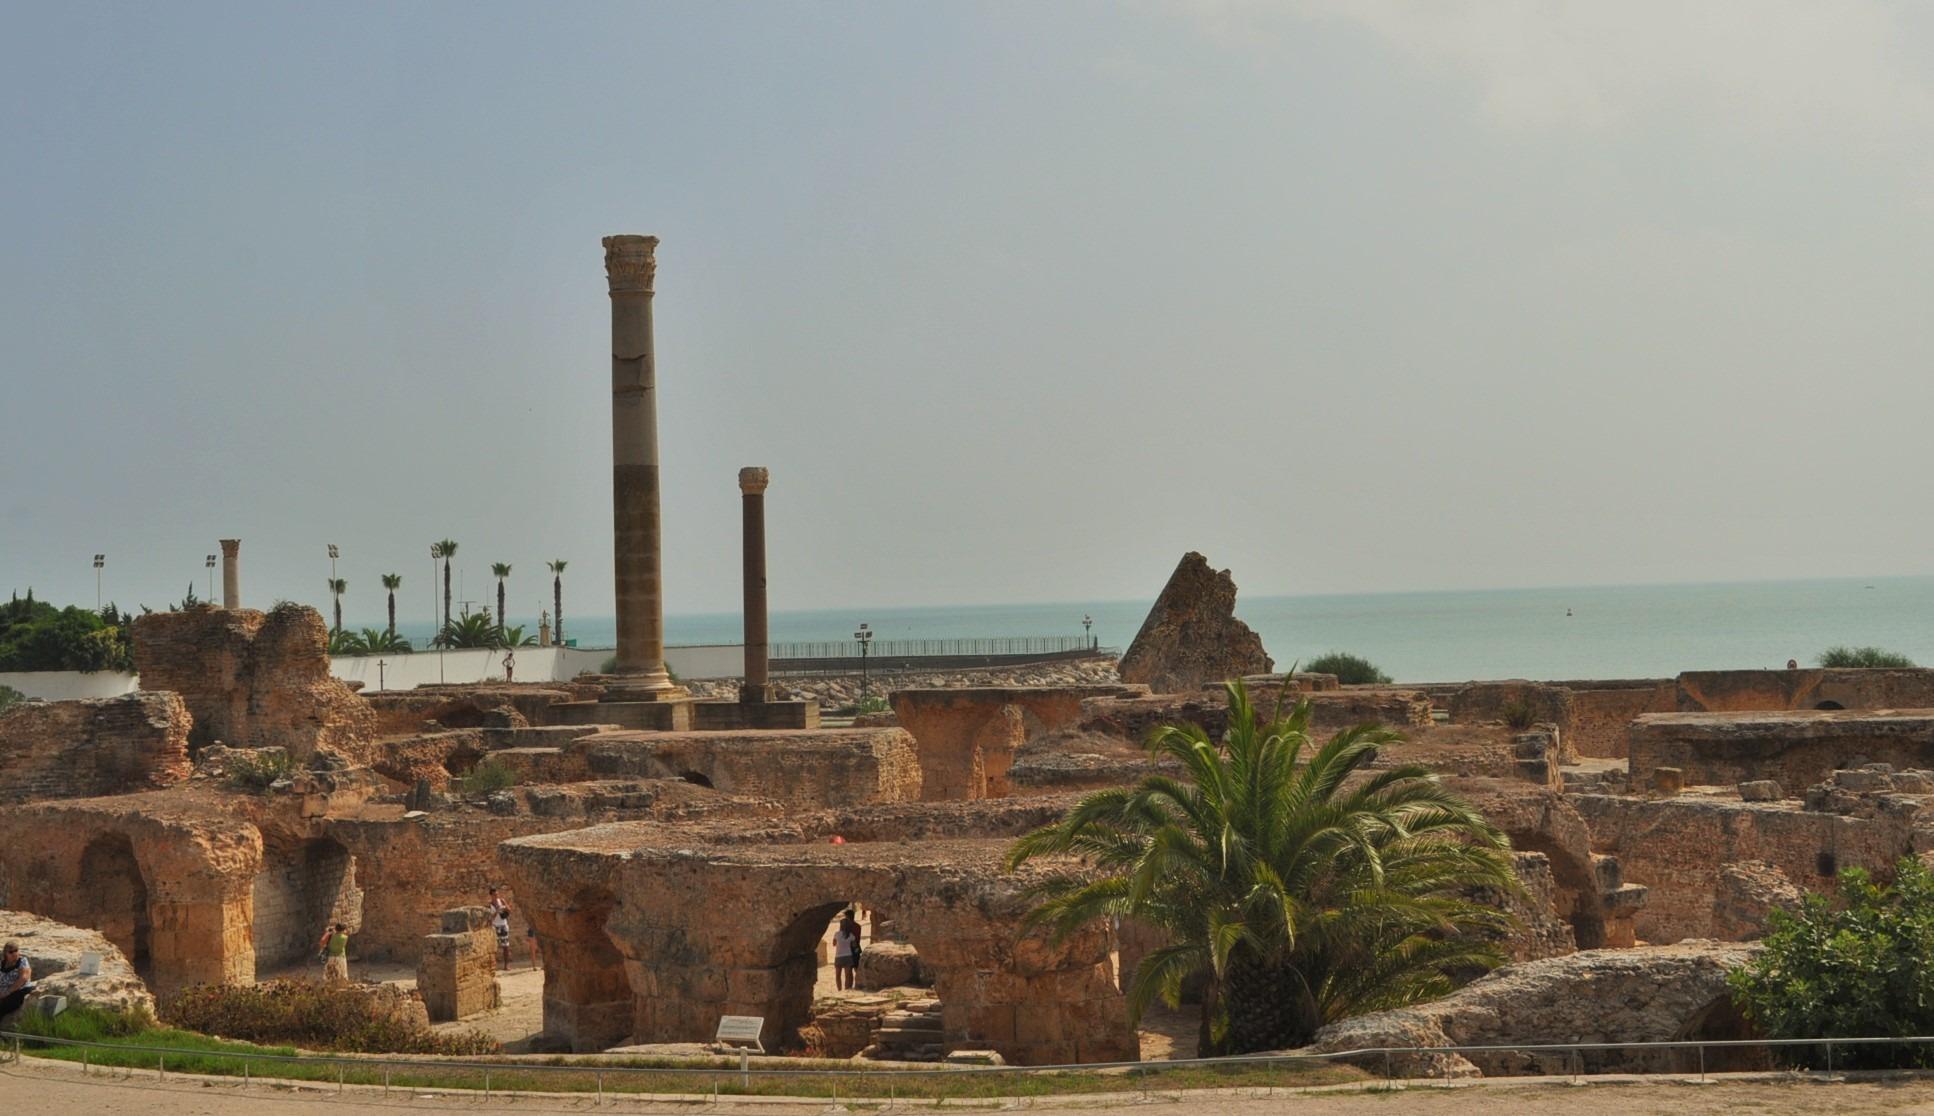 Край град Тунис са разпиляни останките на едни от най-големите и добре запазени римски бани до наши дни